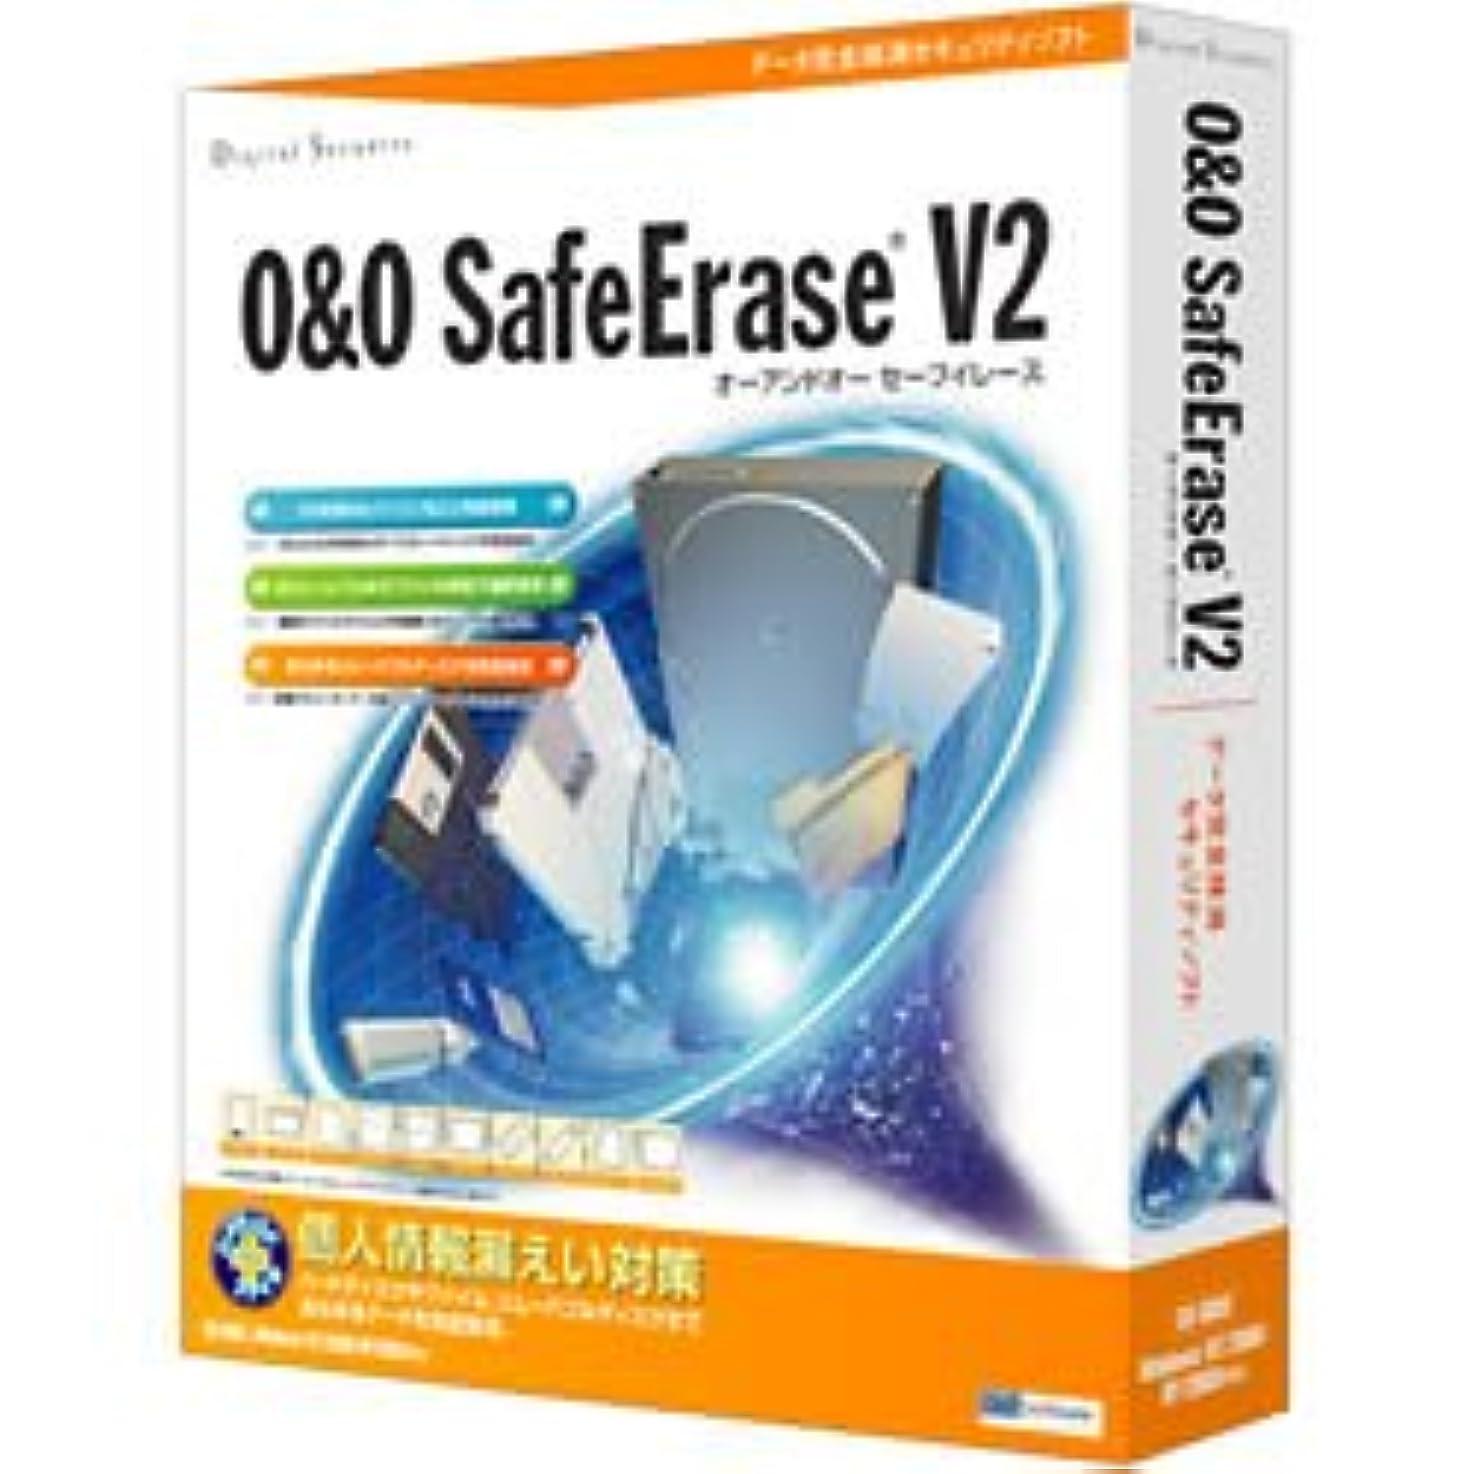 ゆるい愛かごO&O SafeErase V2